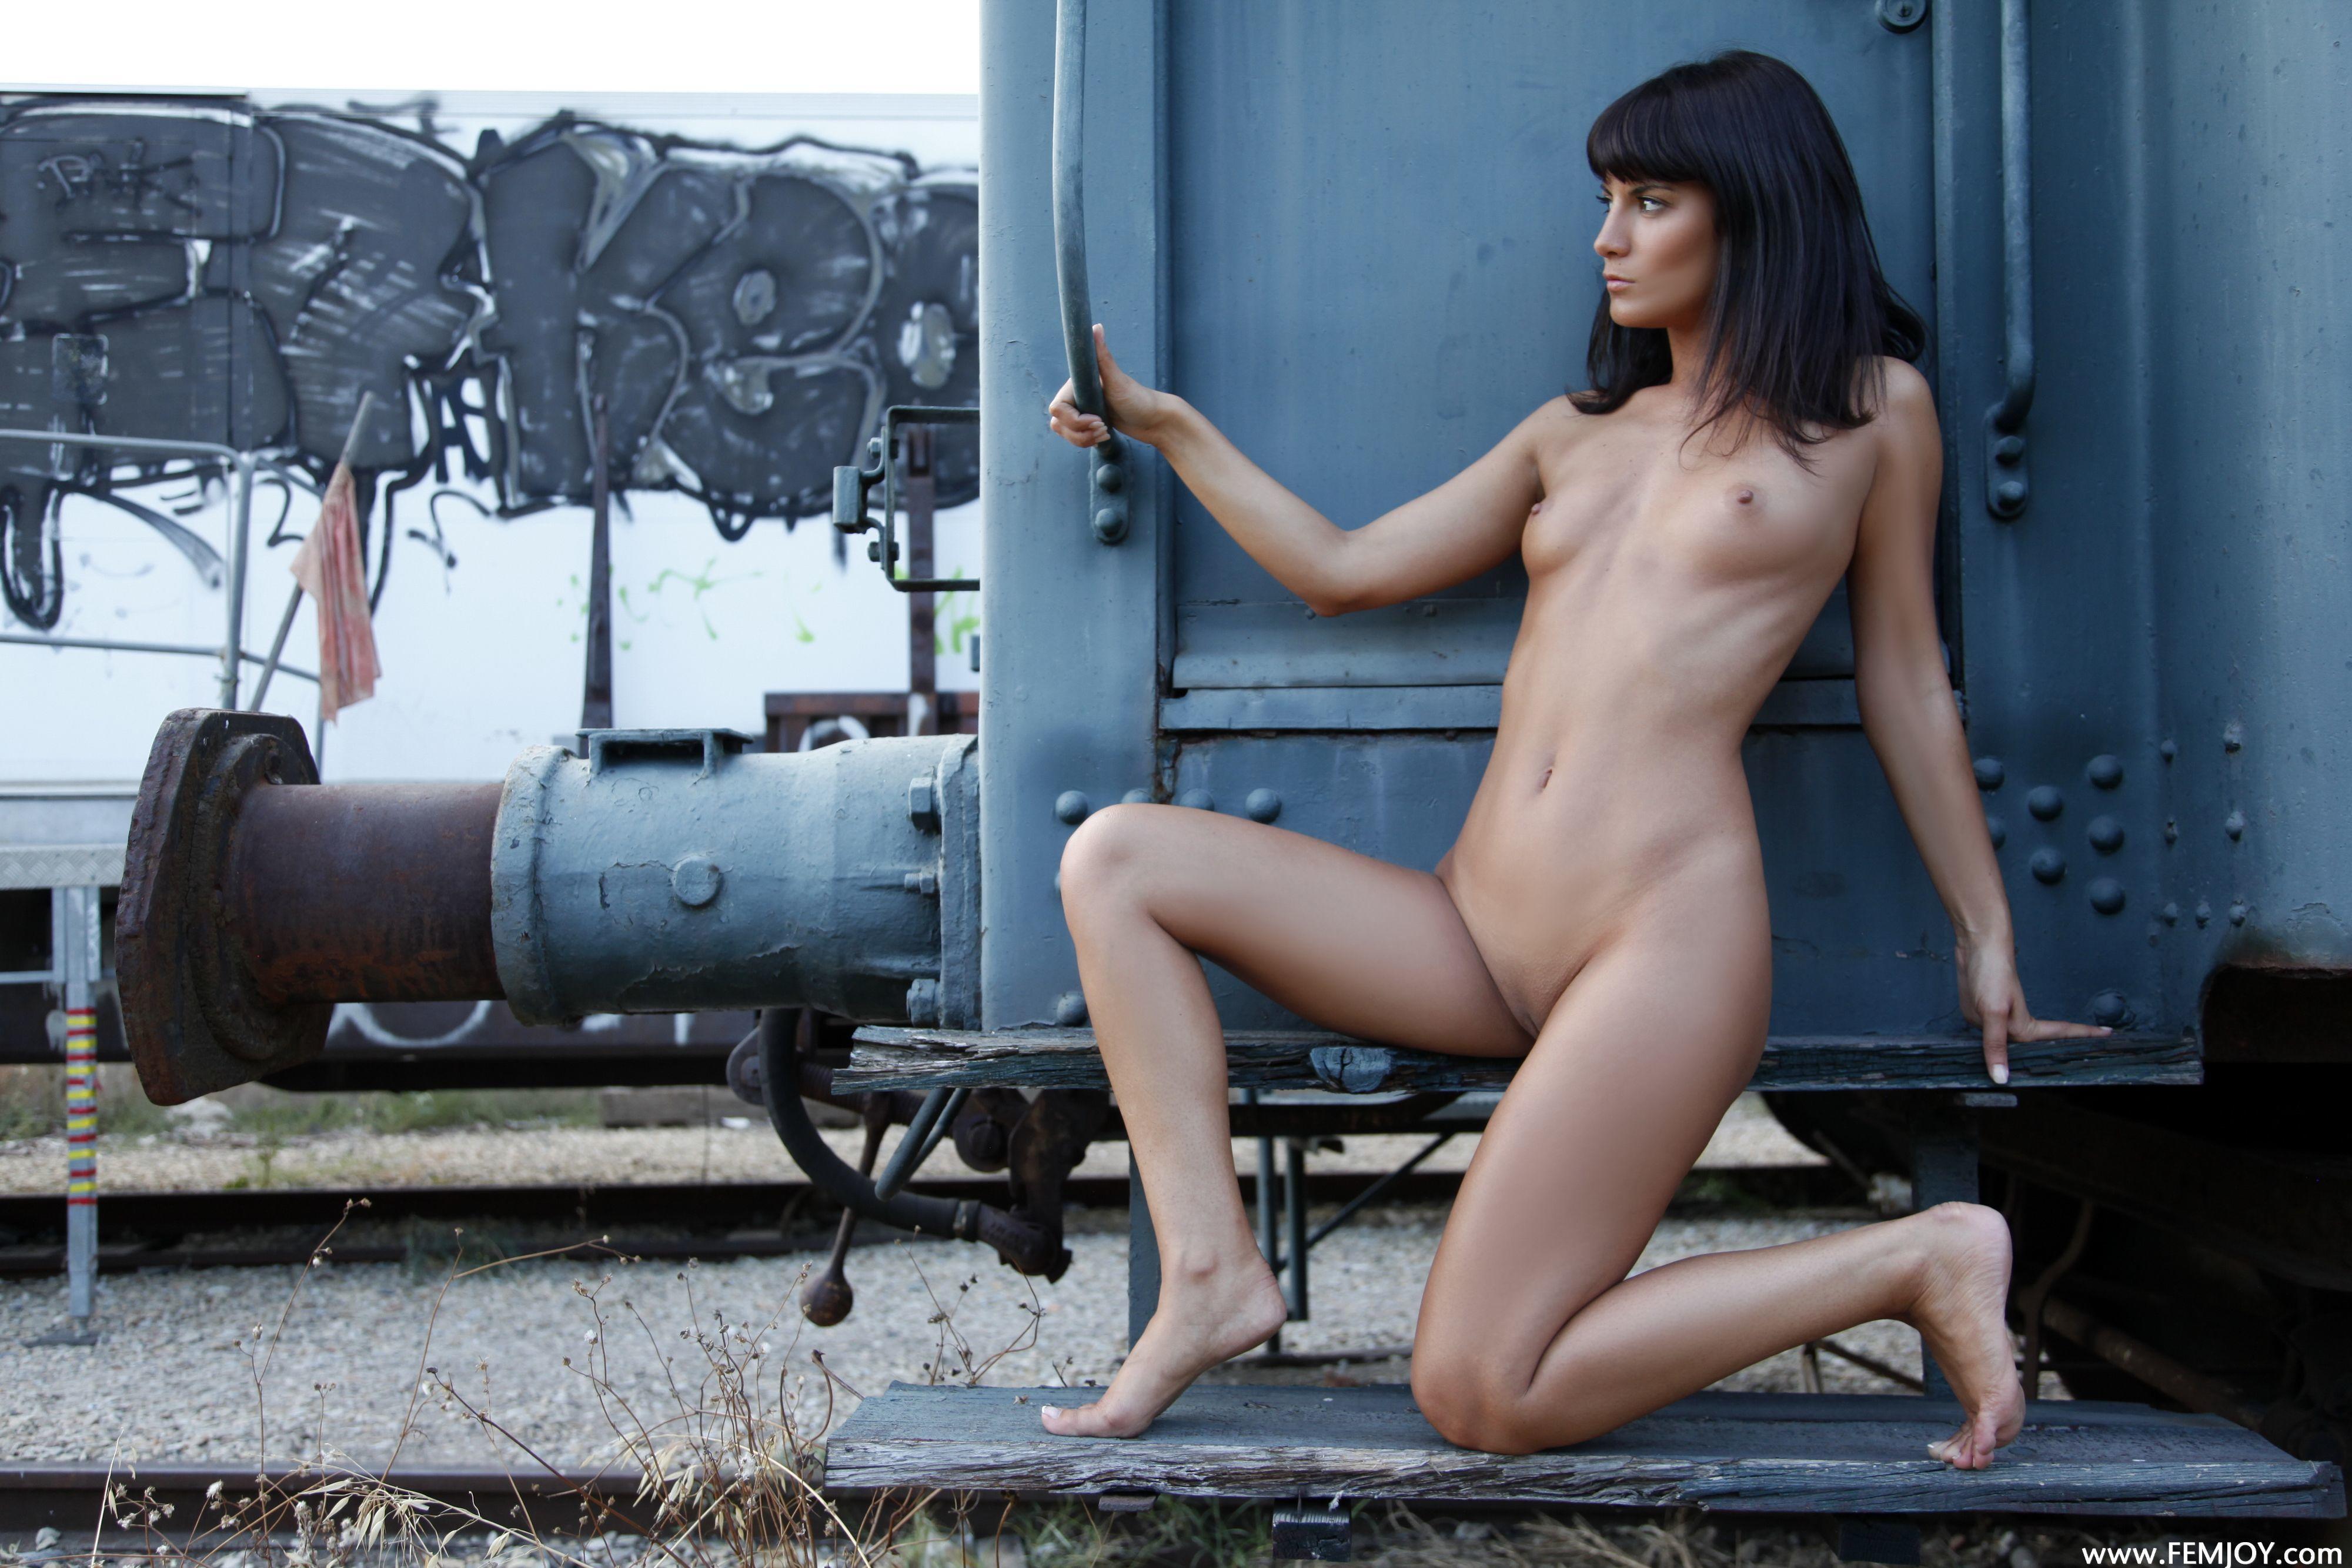 Amandine Naked free photo naked, naked girl, amandine c - to desktop